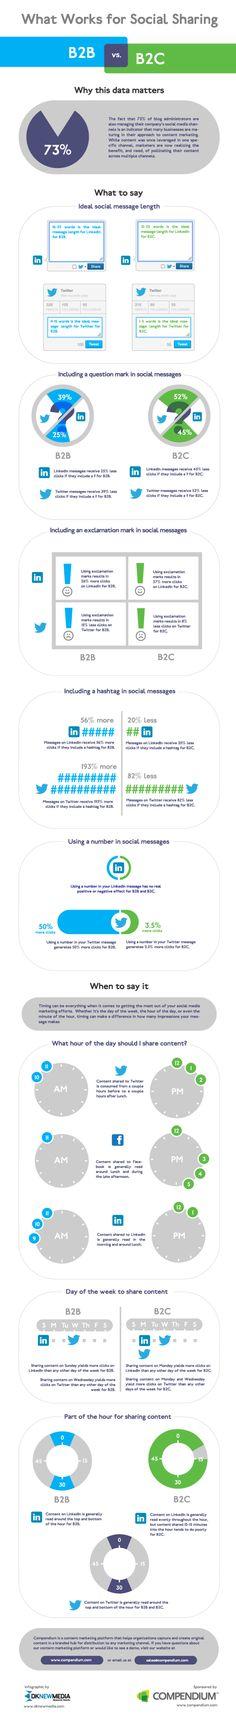 [Infographic] What Works for Social Sharing: #B2B vs. B2C #Twitter #LinkedIn